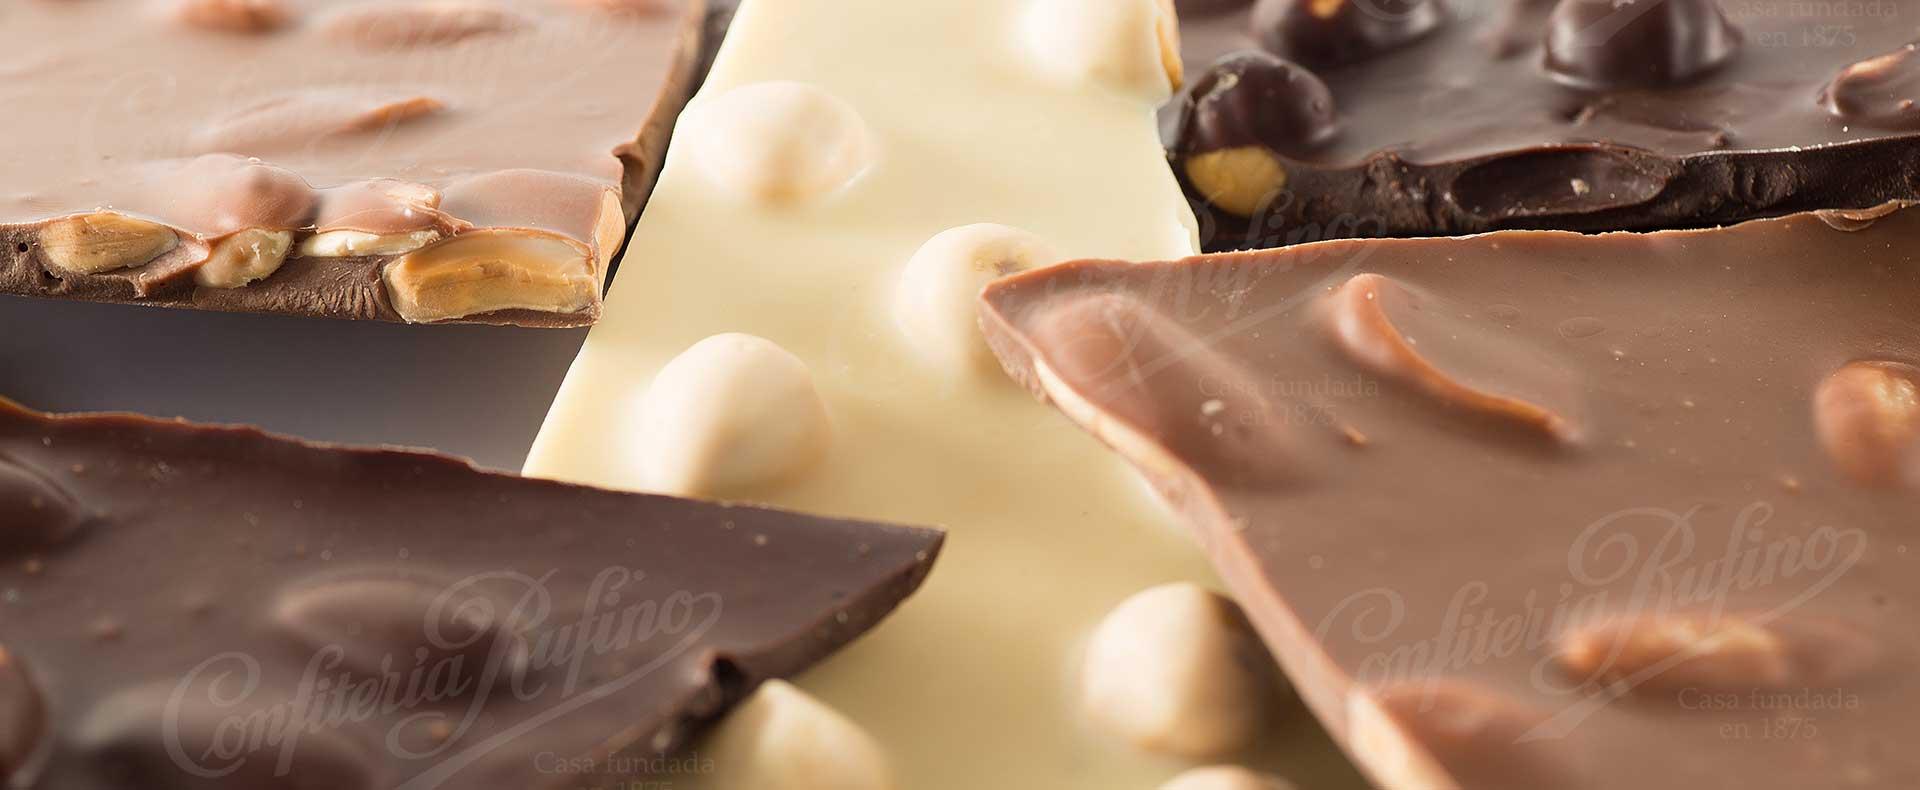 chocolate artesano blanco negro y con leche Confiteria Rufino Aracena